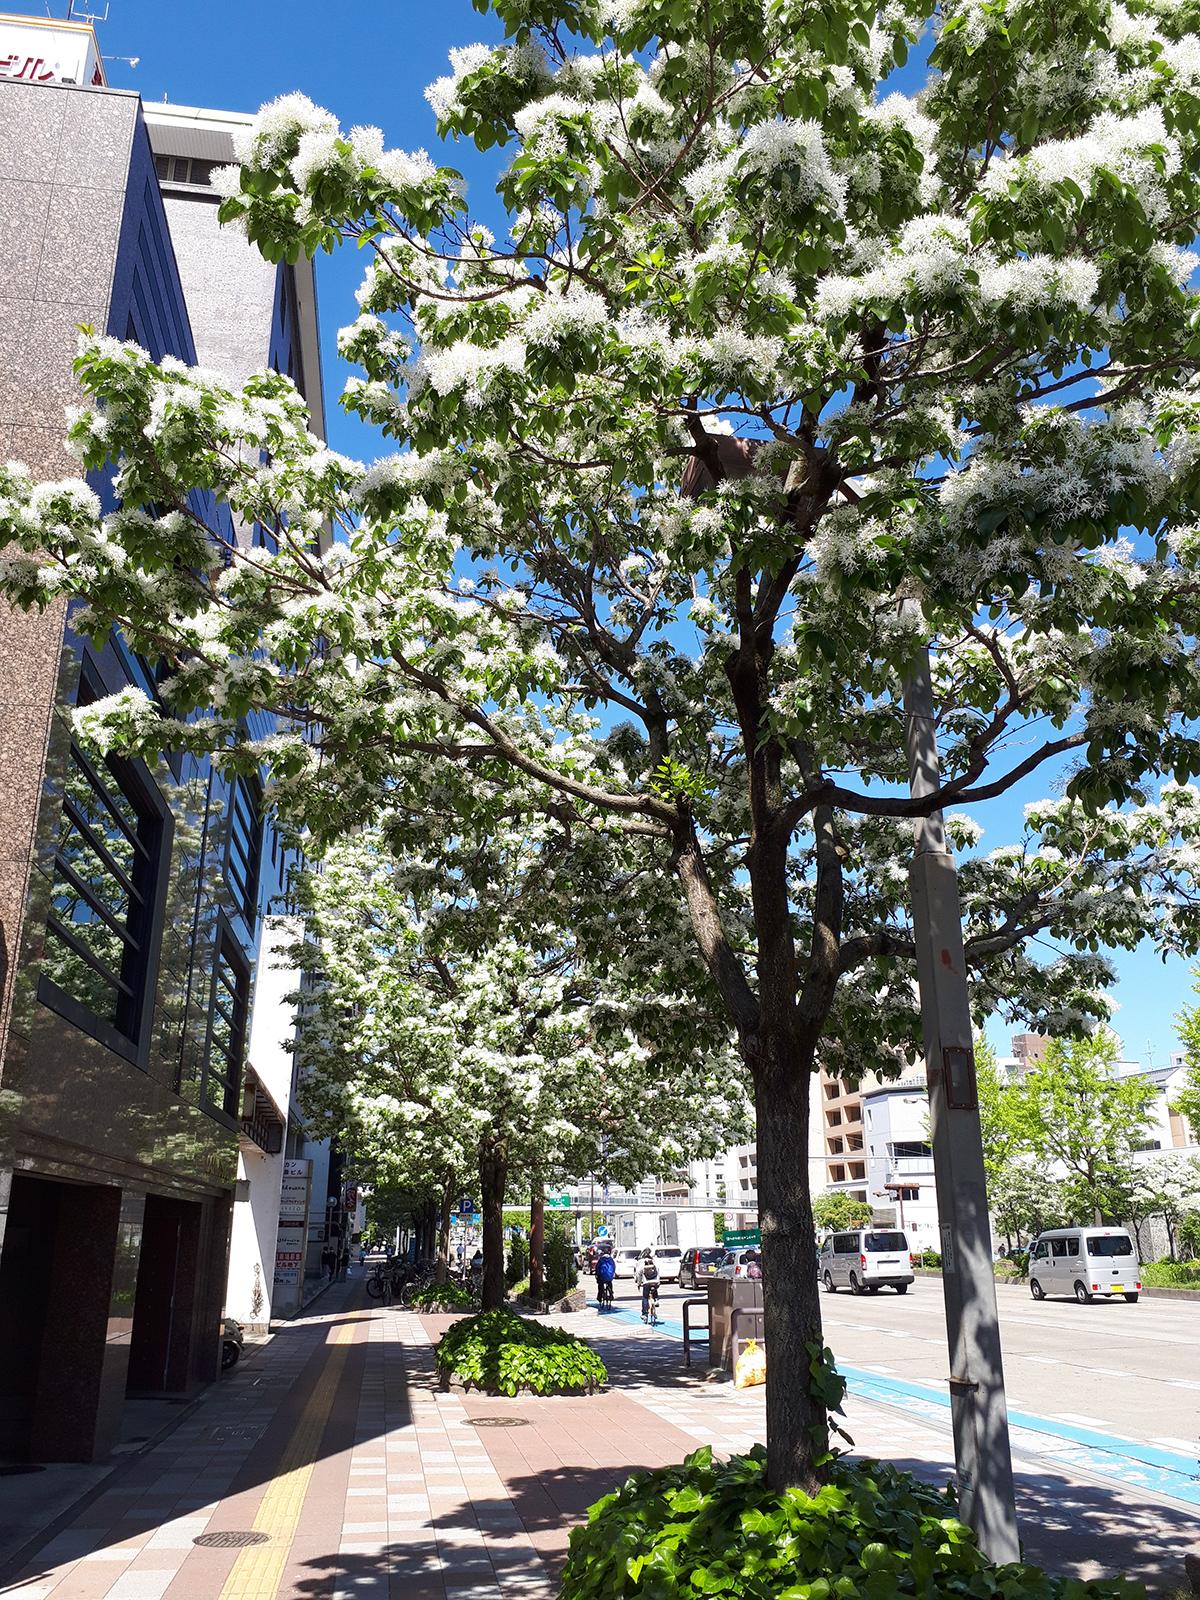 真っ白な花を咲かせるヒトツバタゴ(一つ葉田子)